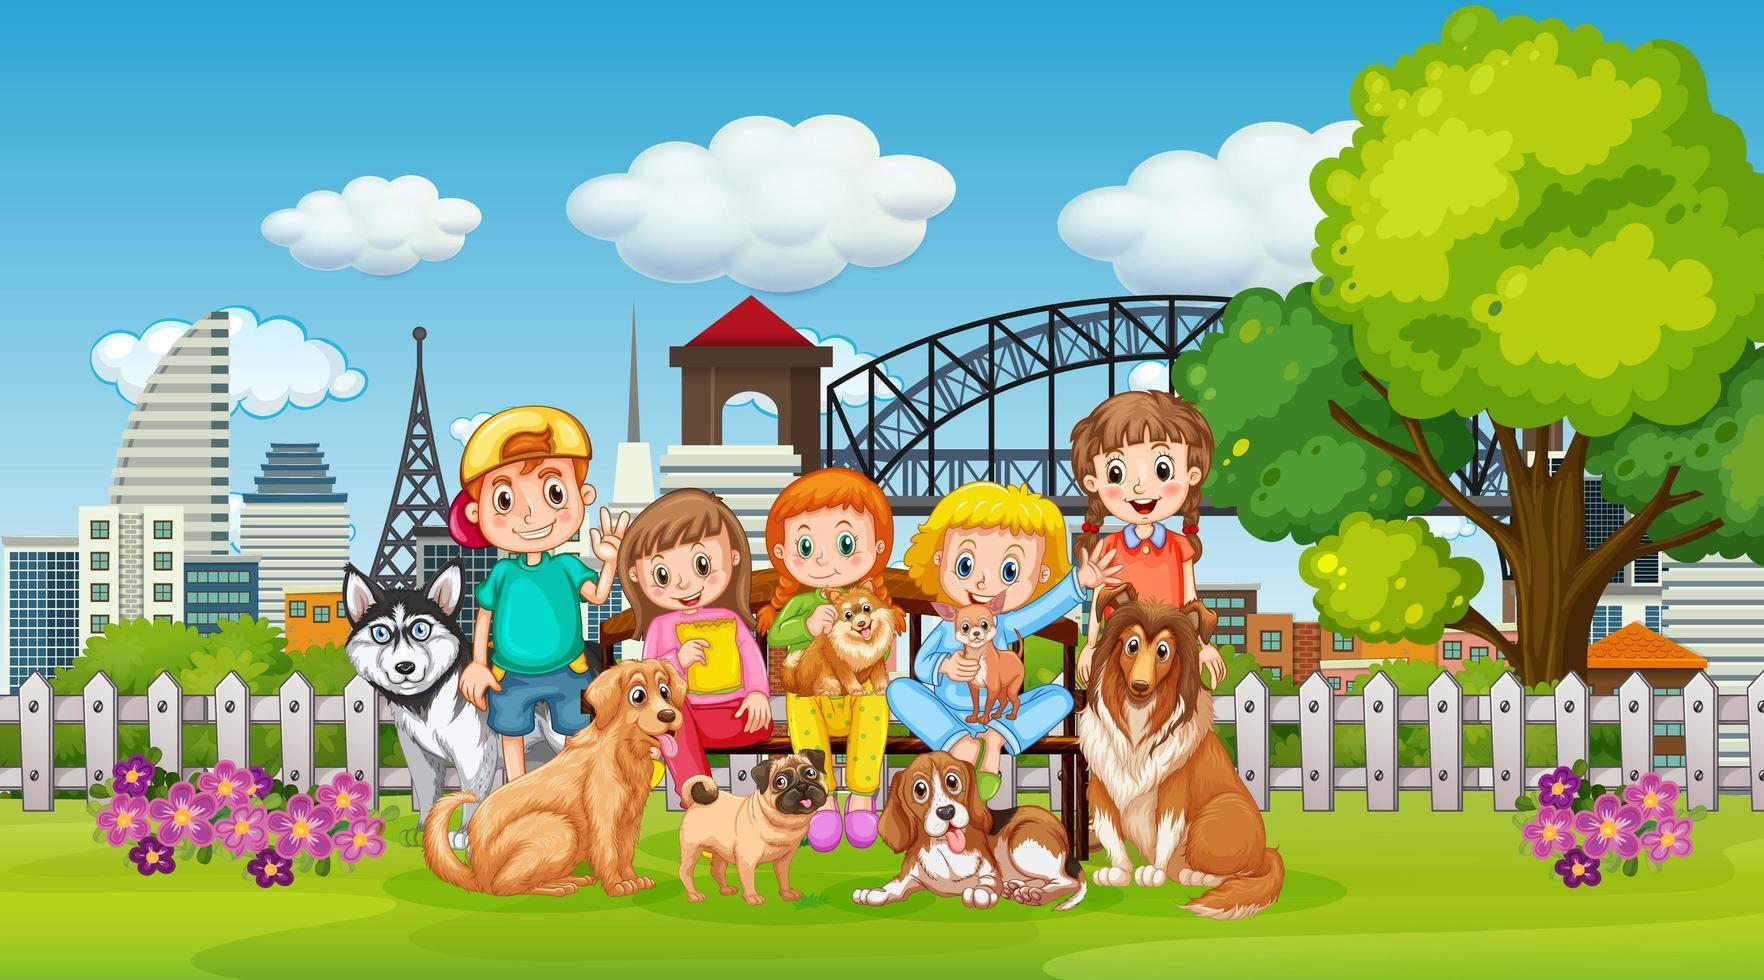 scène extérieure du parc avec de nombreux enfants et leur animal de compagnie vecteur